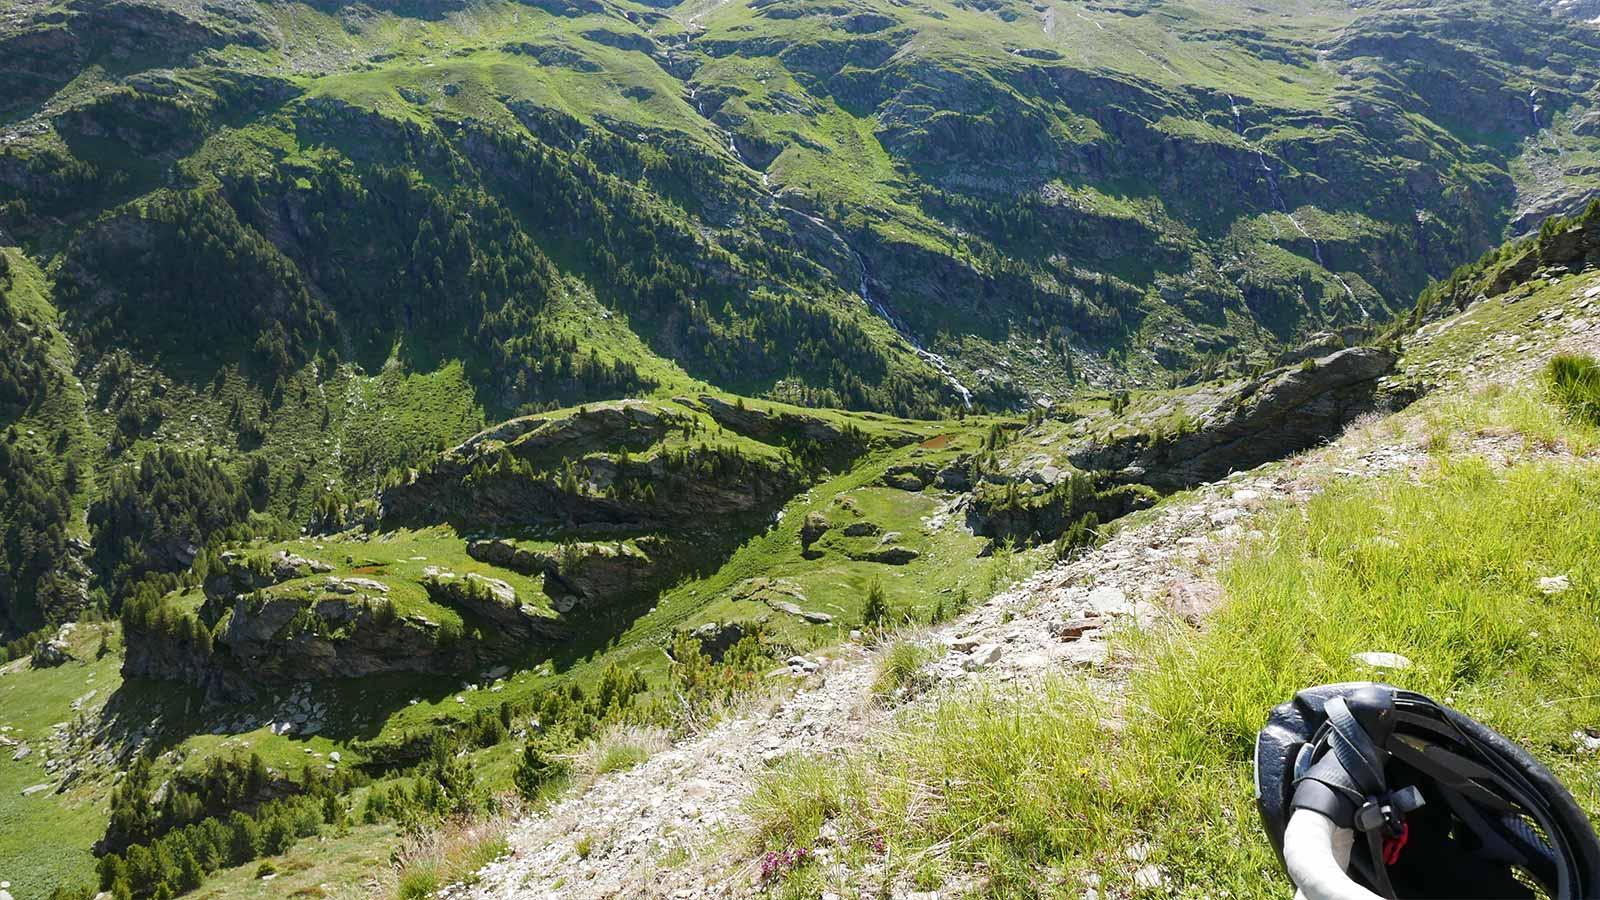 Existuje veľa vrcholov na lezenie. Priamo nad prihrávkou na východnú stranu je Corno dei Tre Signori (3360 m) a vedľa nej Monte Gaviola (3025). Na druhej strane cesty sa týči Monte Gavia (3223 m). Pokračovaním po ceste v smere na Bormio sa po necelých 3 km dostanete k pamätníku, odkiaľ začínajú trasy pre skupinu Punta San Matteo (3678 m). Do tejto skupiny patria Pizo Tresero (3594 m), Punta Pendranzini (3599), Cima Dosegu (3560) a niekoľko ďalších.